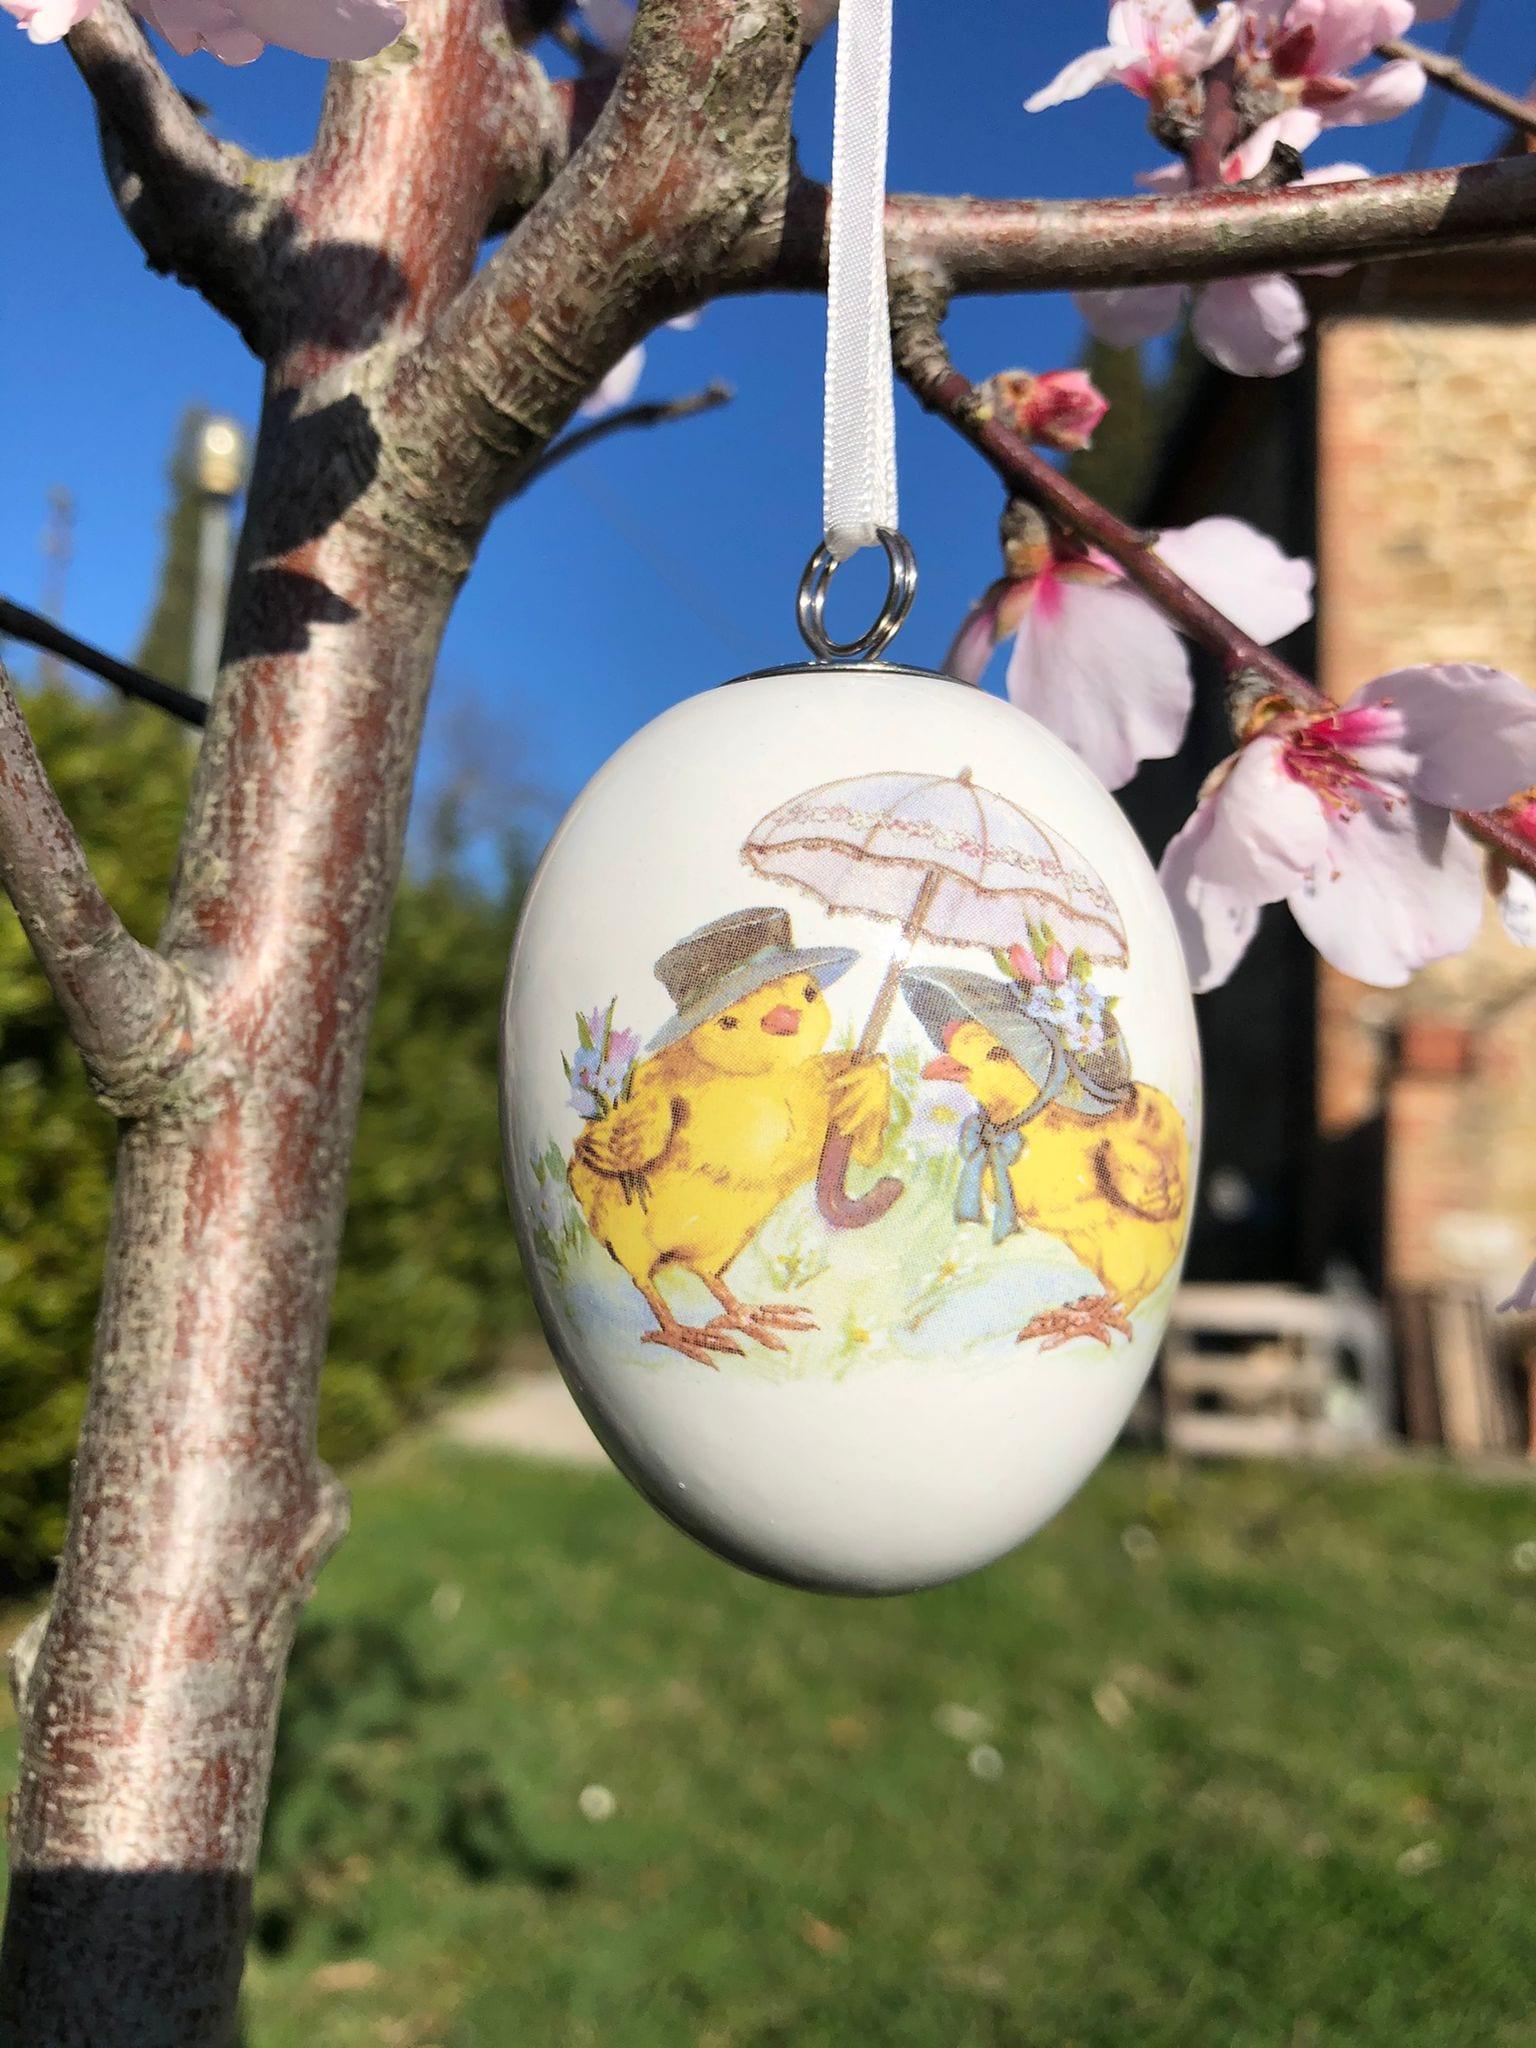 Uovo di porcellana con 2 pulcini con ombrello